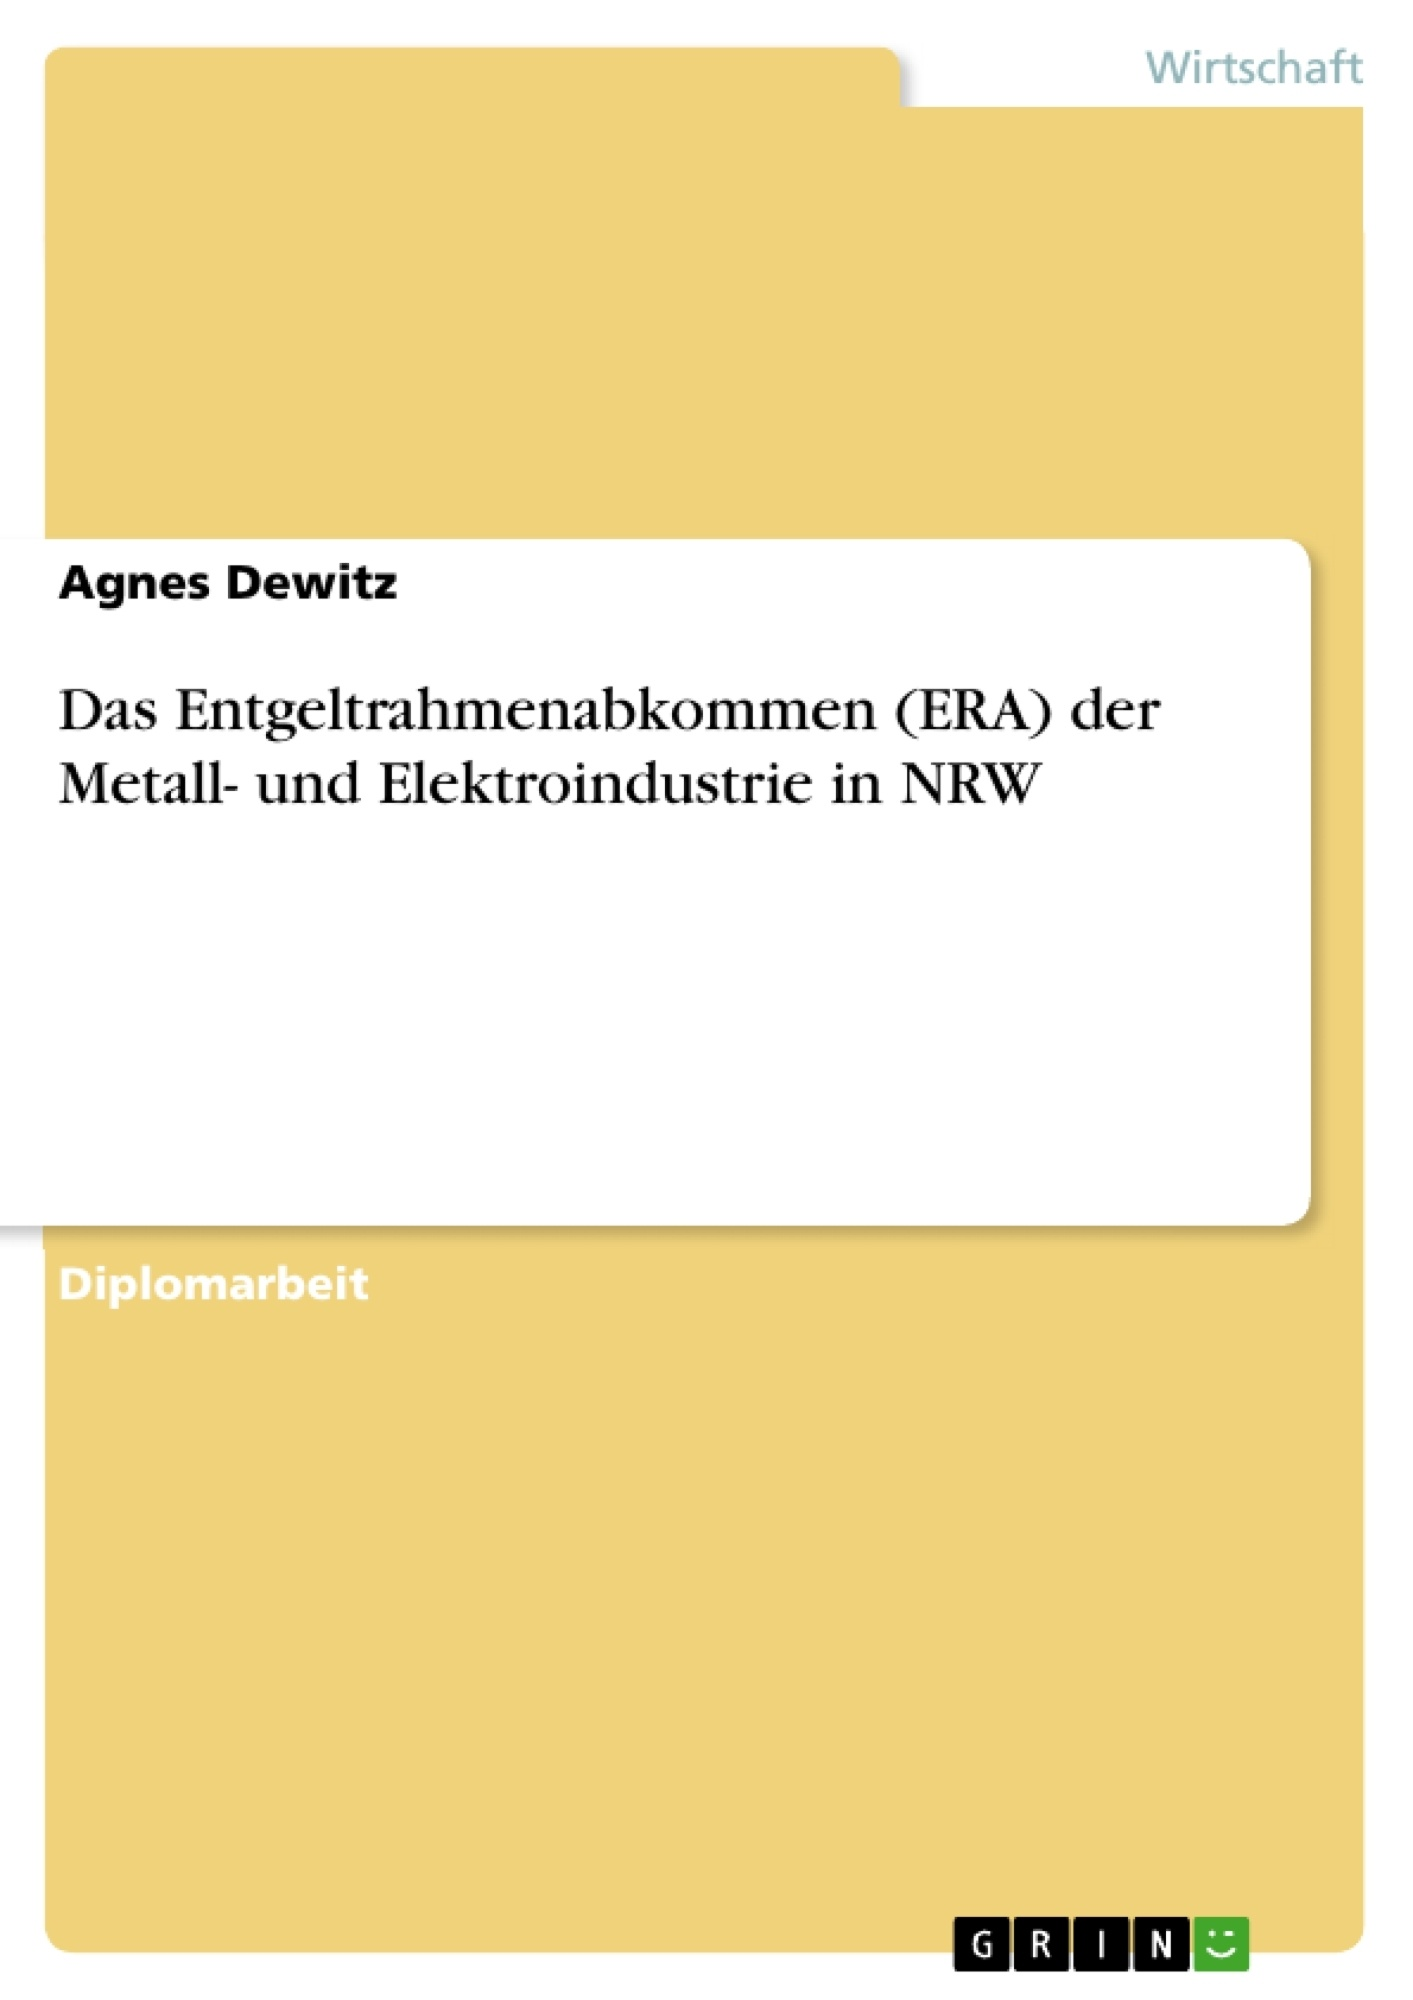 Titel: Das Entgeltrahmenabkommen (ERA) der Metall- und Elektroindustrie in NRW